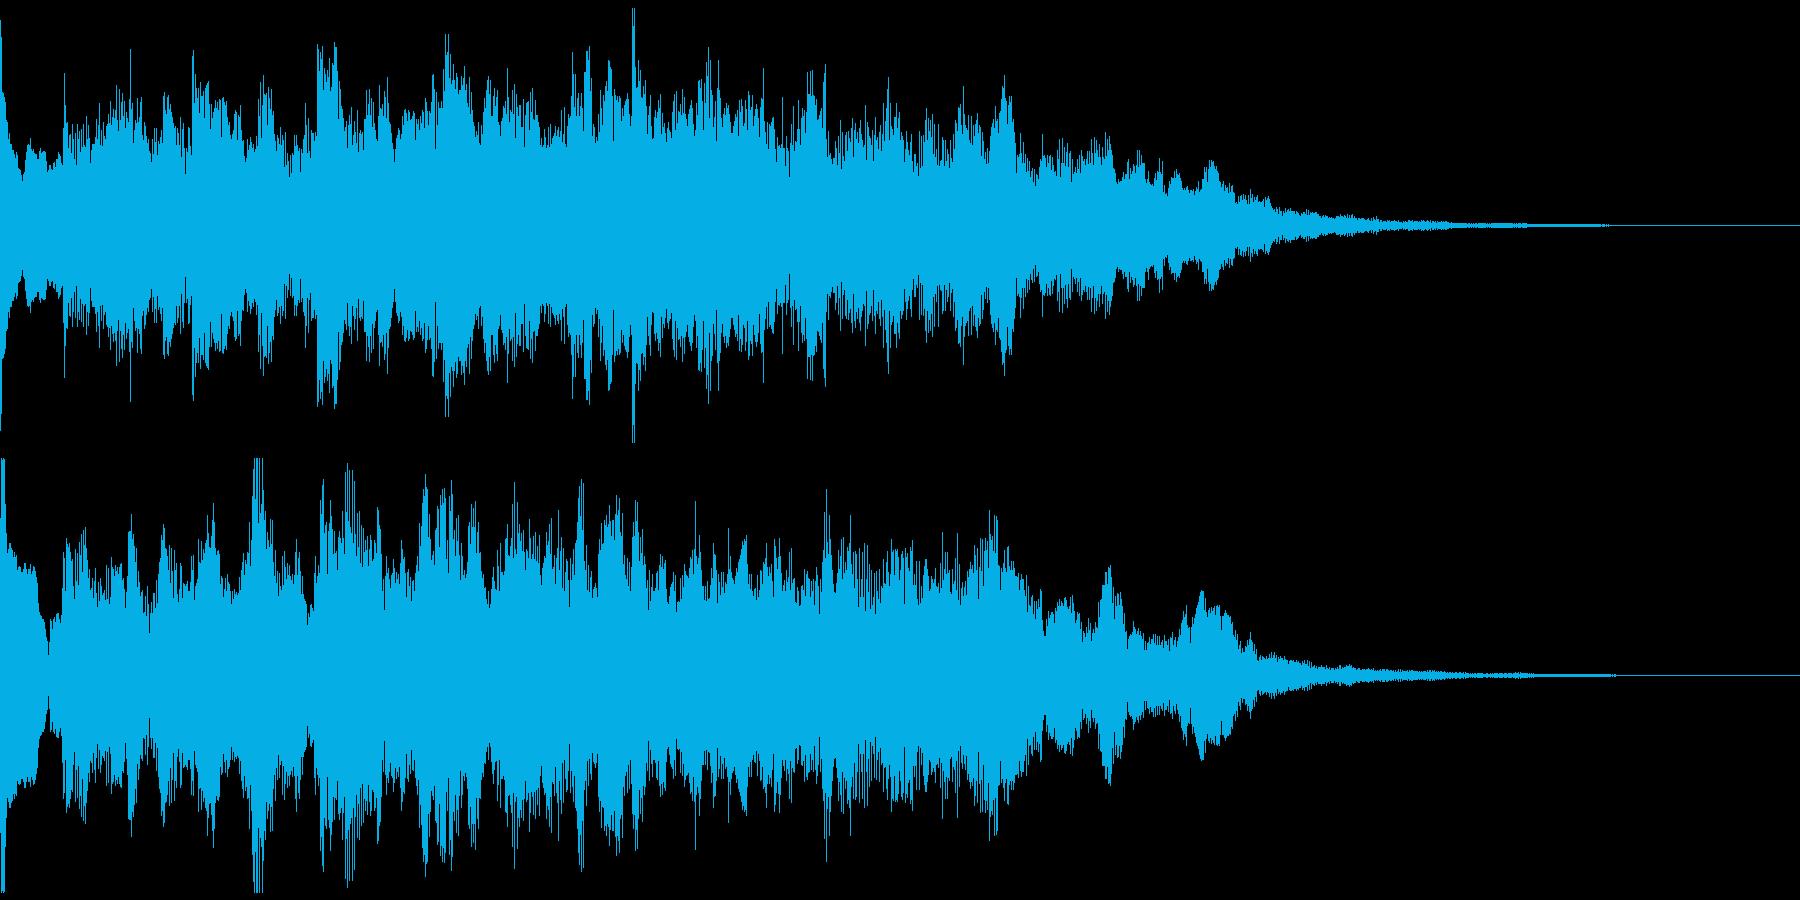 サウンドロゴ、5秒CM、場面転換verCの再生済みの波形